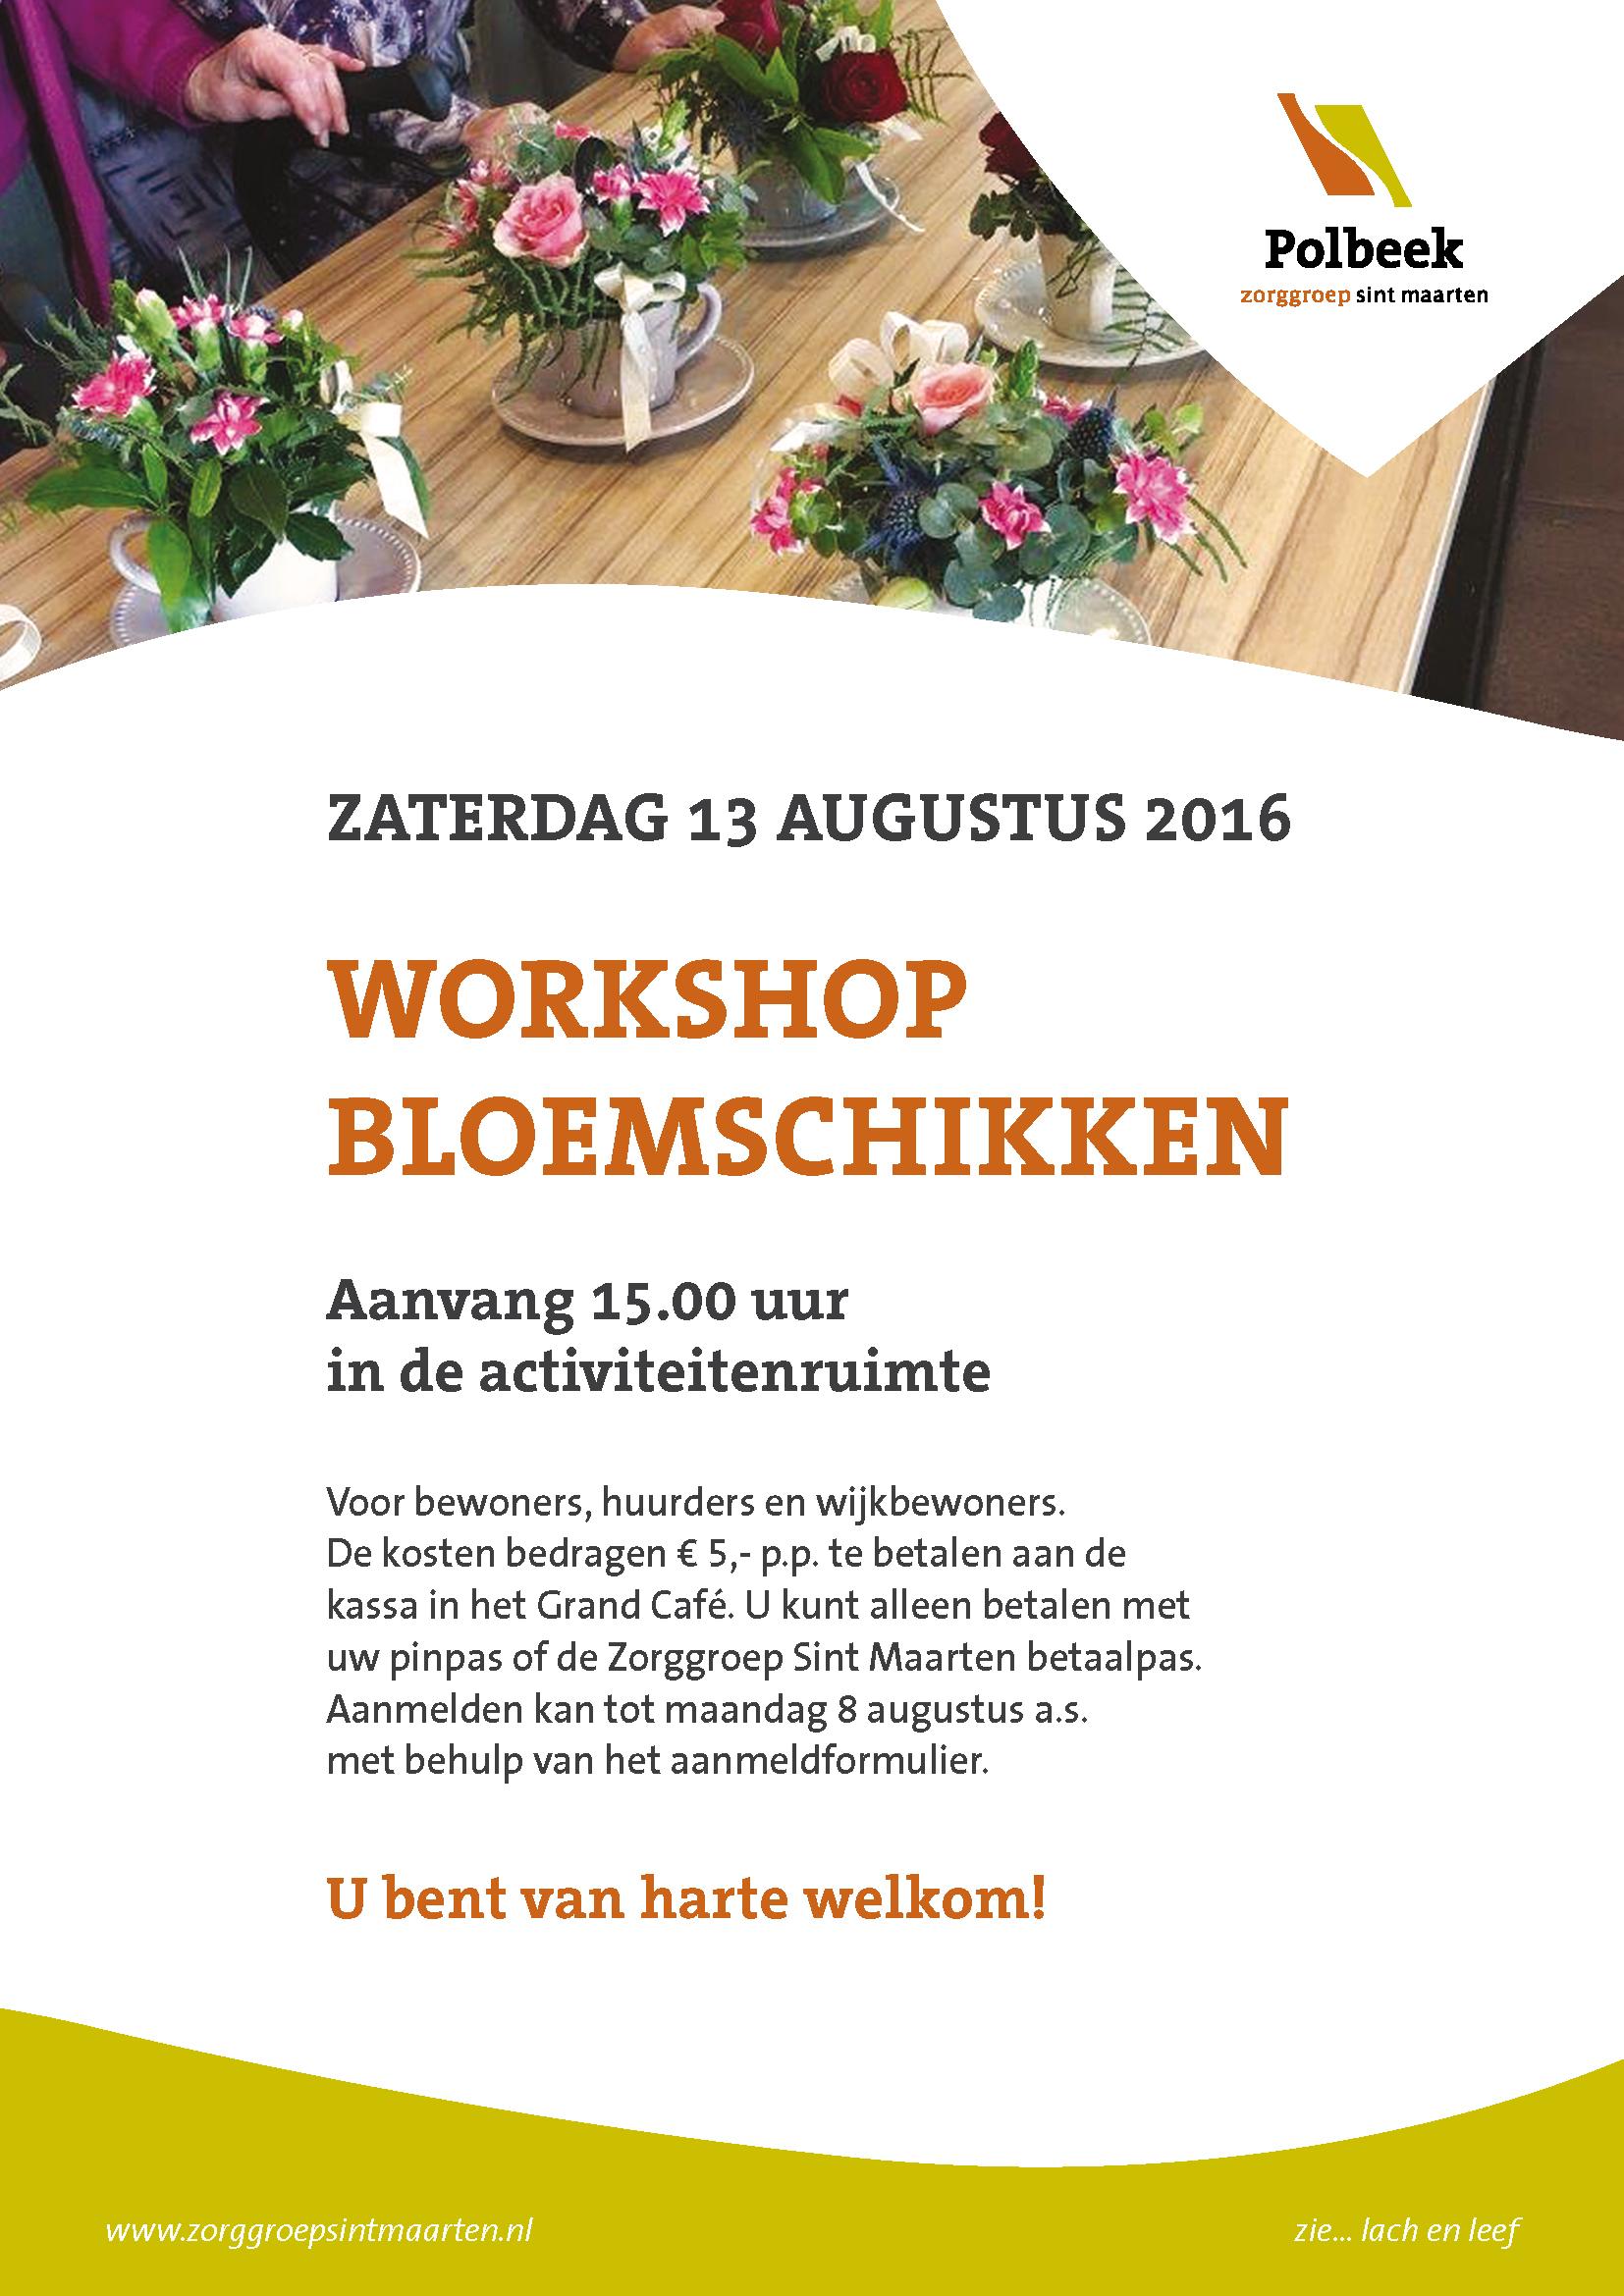 2016 07 11 Poster bloemschikken Polbeek